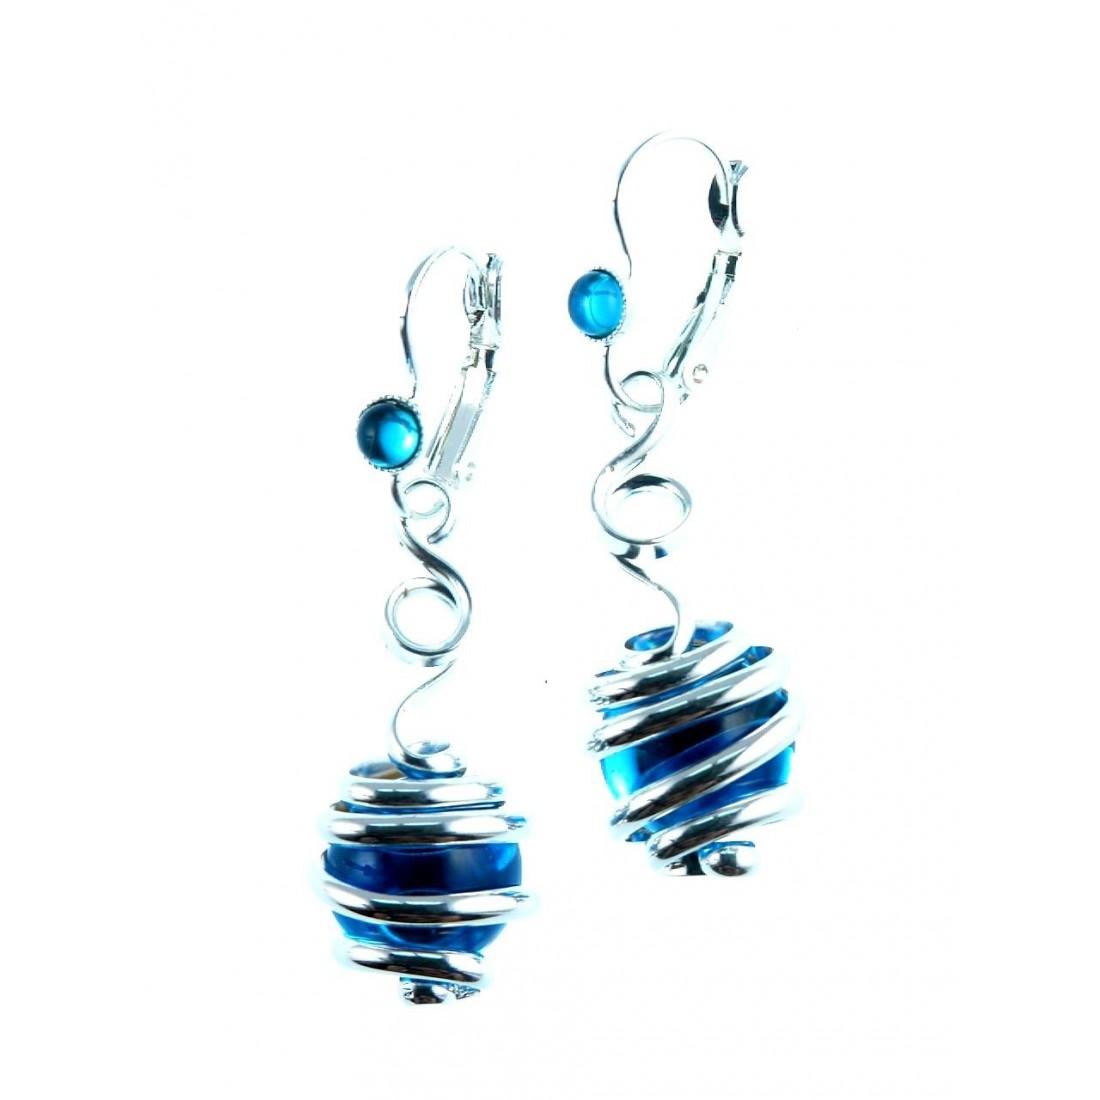 Bijoux d'artiste-boucles d'oreilles fantaisie bleues